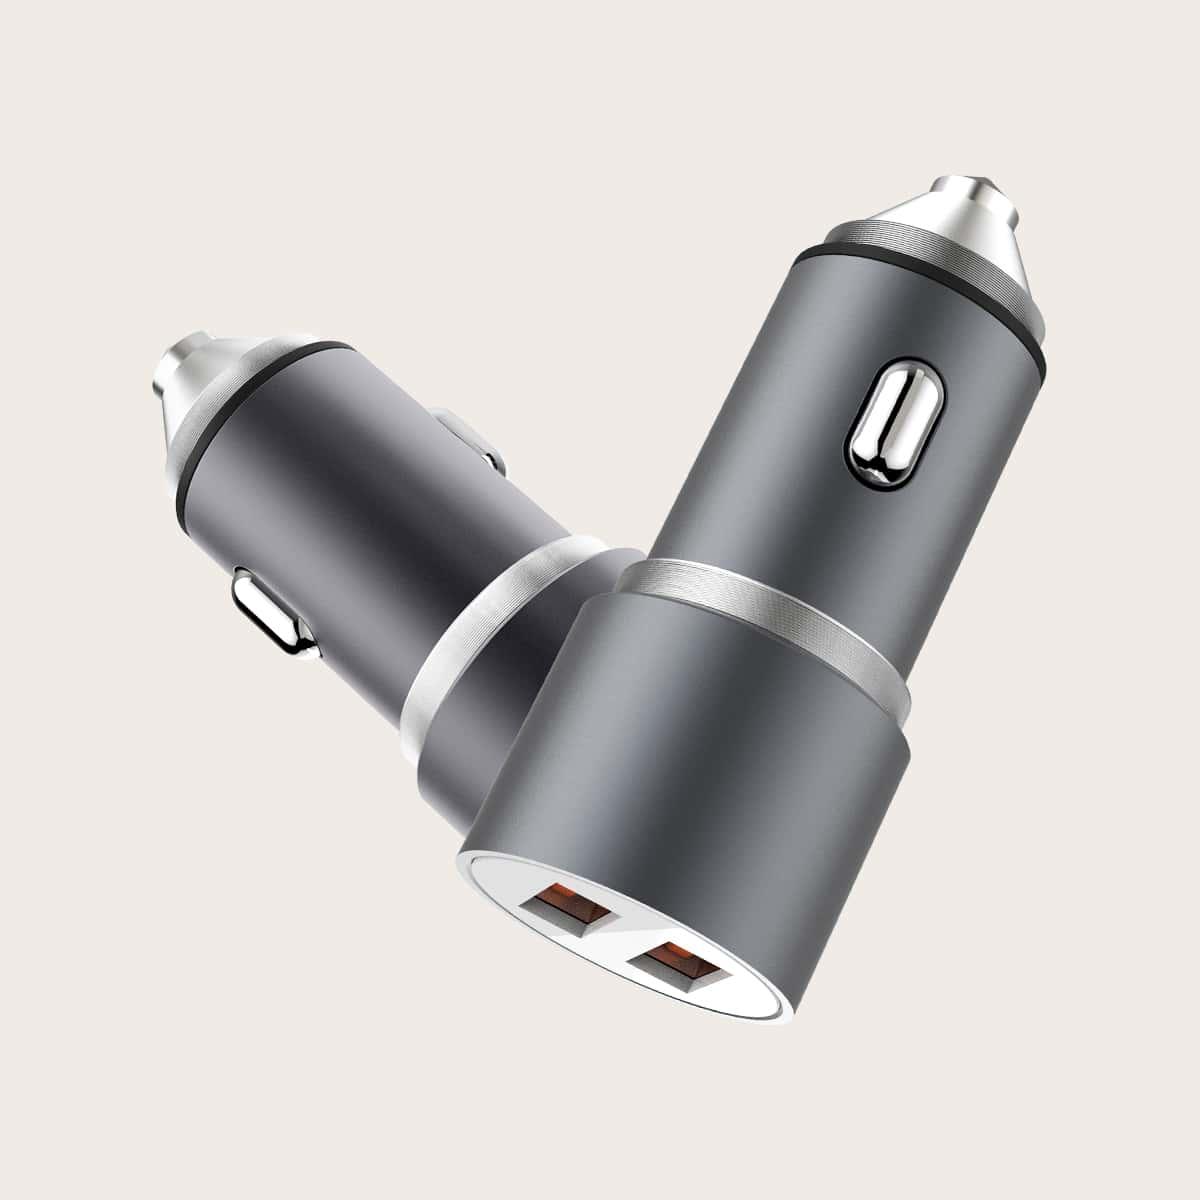 Elettronica per Auto Accessori Elettronici per Auto